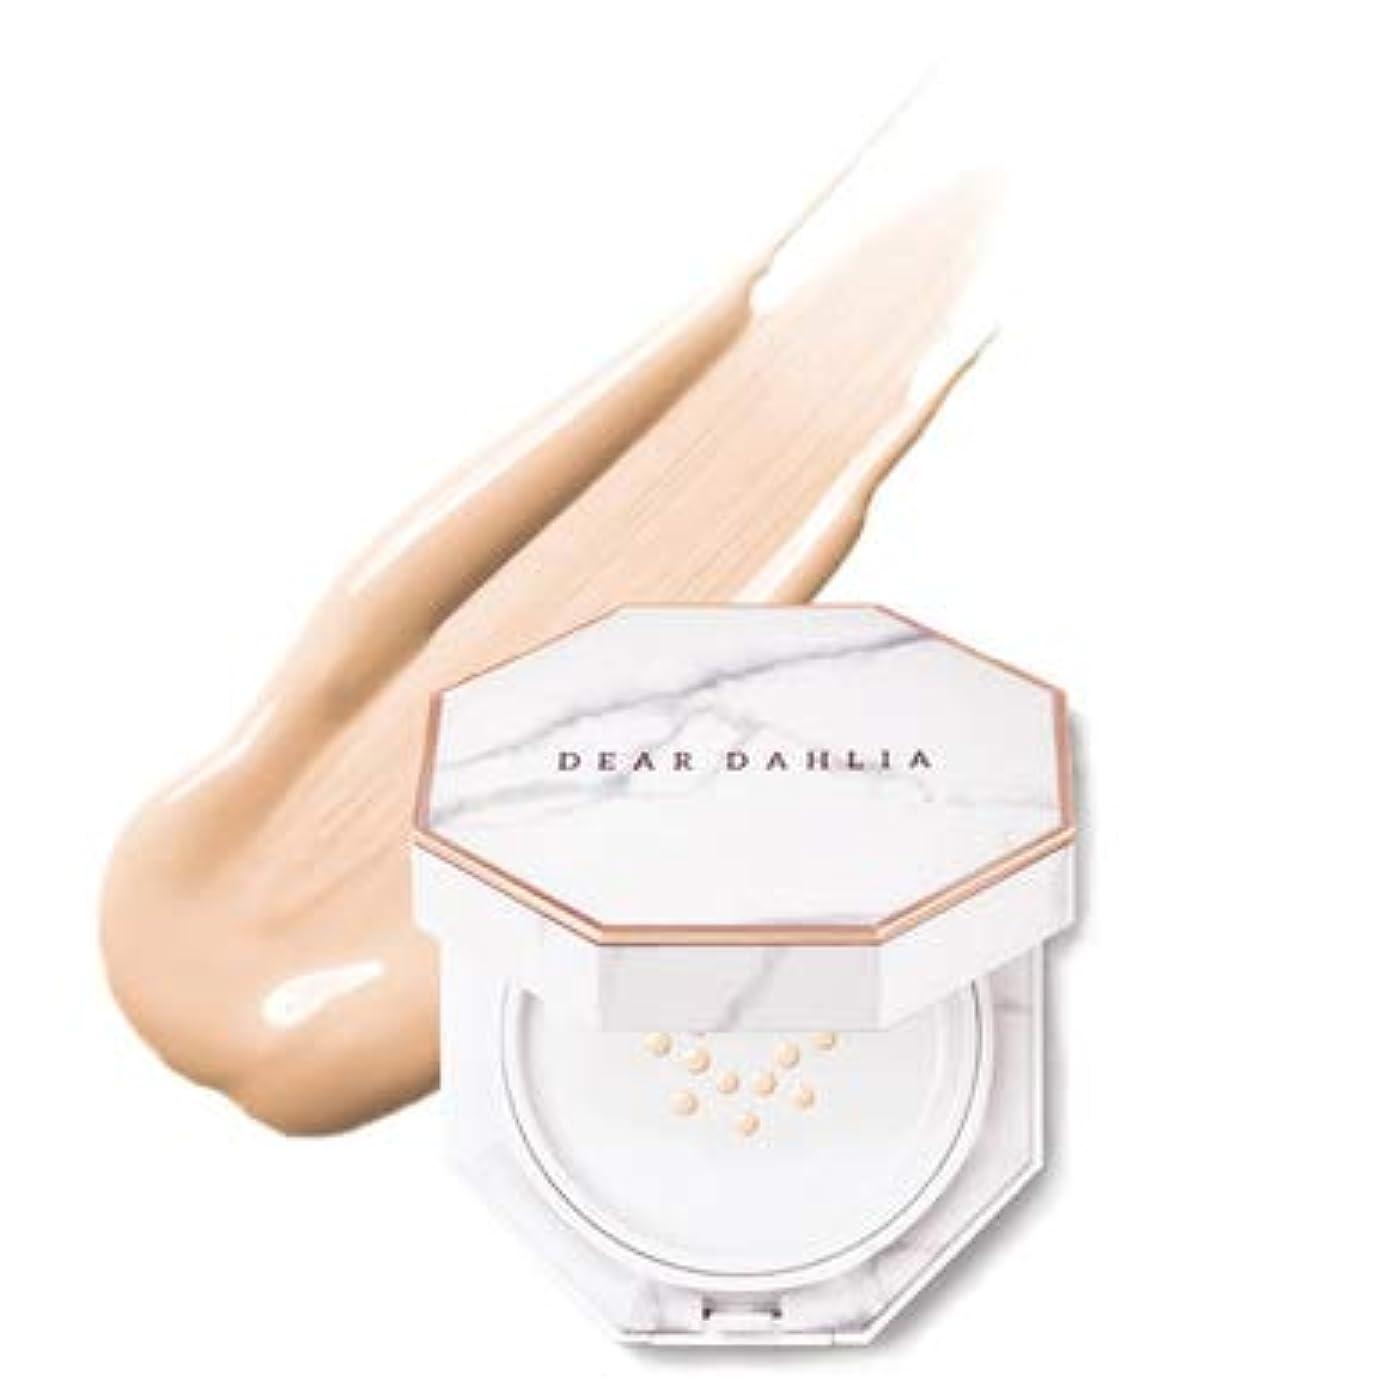 [ディアダリア] Dear Dahliaクッションファンデーション 14ml SPF35PA++ 海外直商品Skin Paradise Blooming Cushion (NATURAL BEIGE)